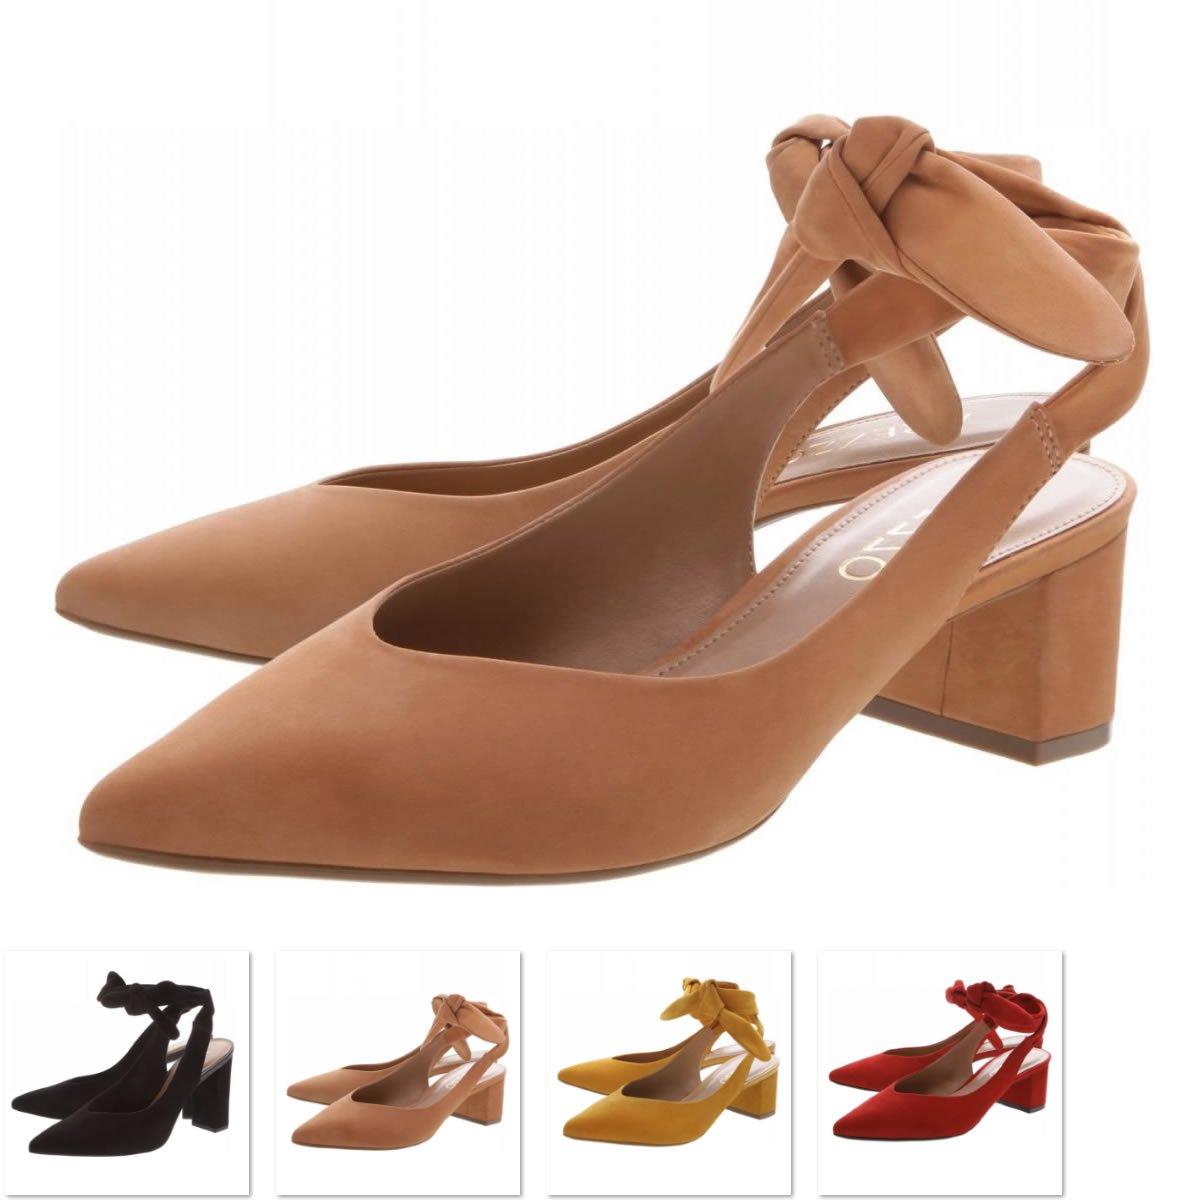 6fb579247 Sapato Arezzo Nobuck Chanel